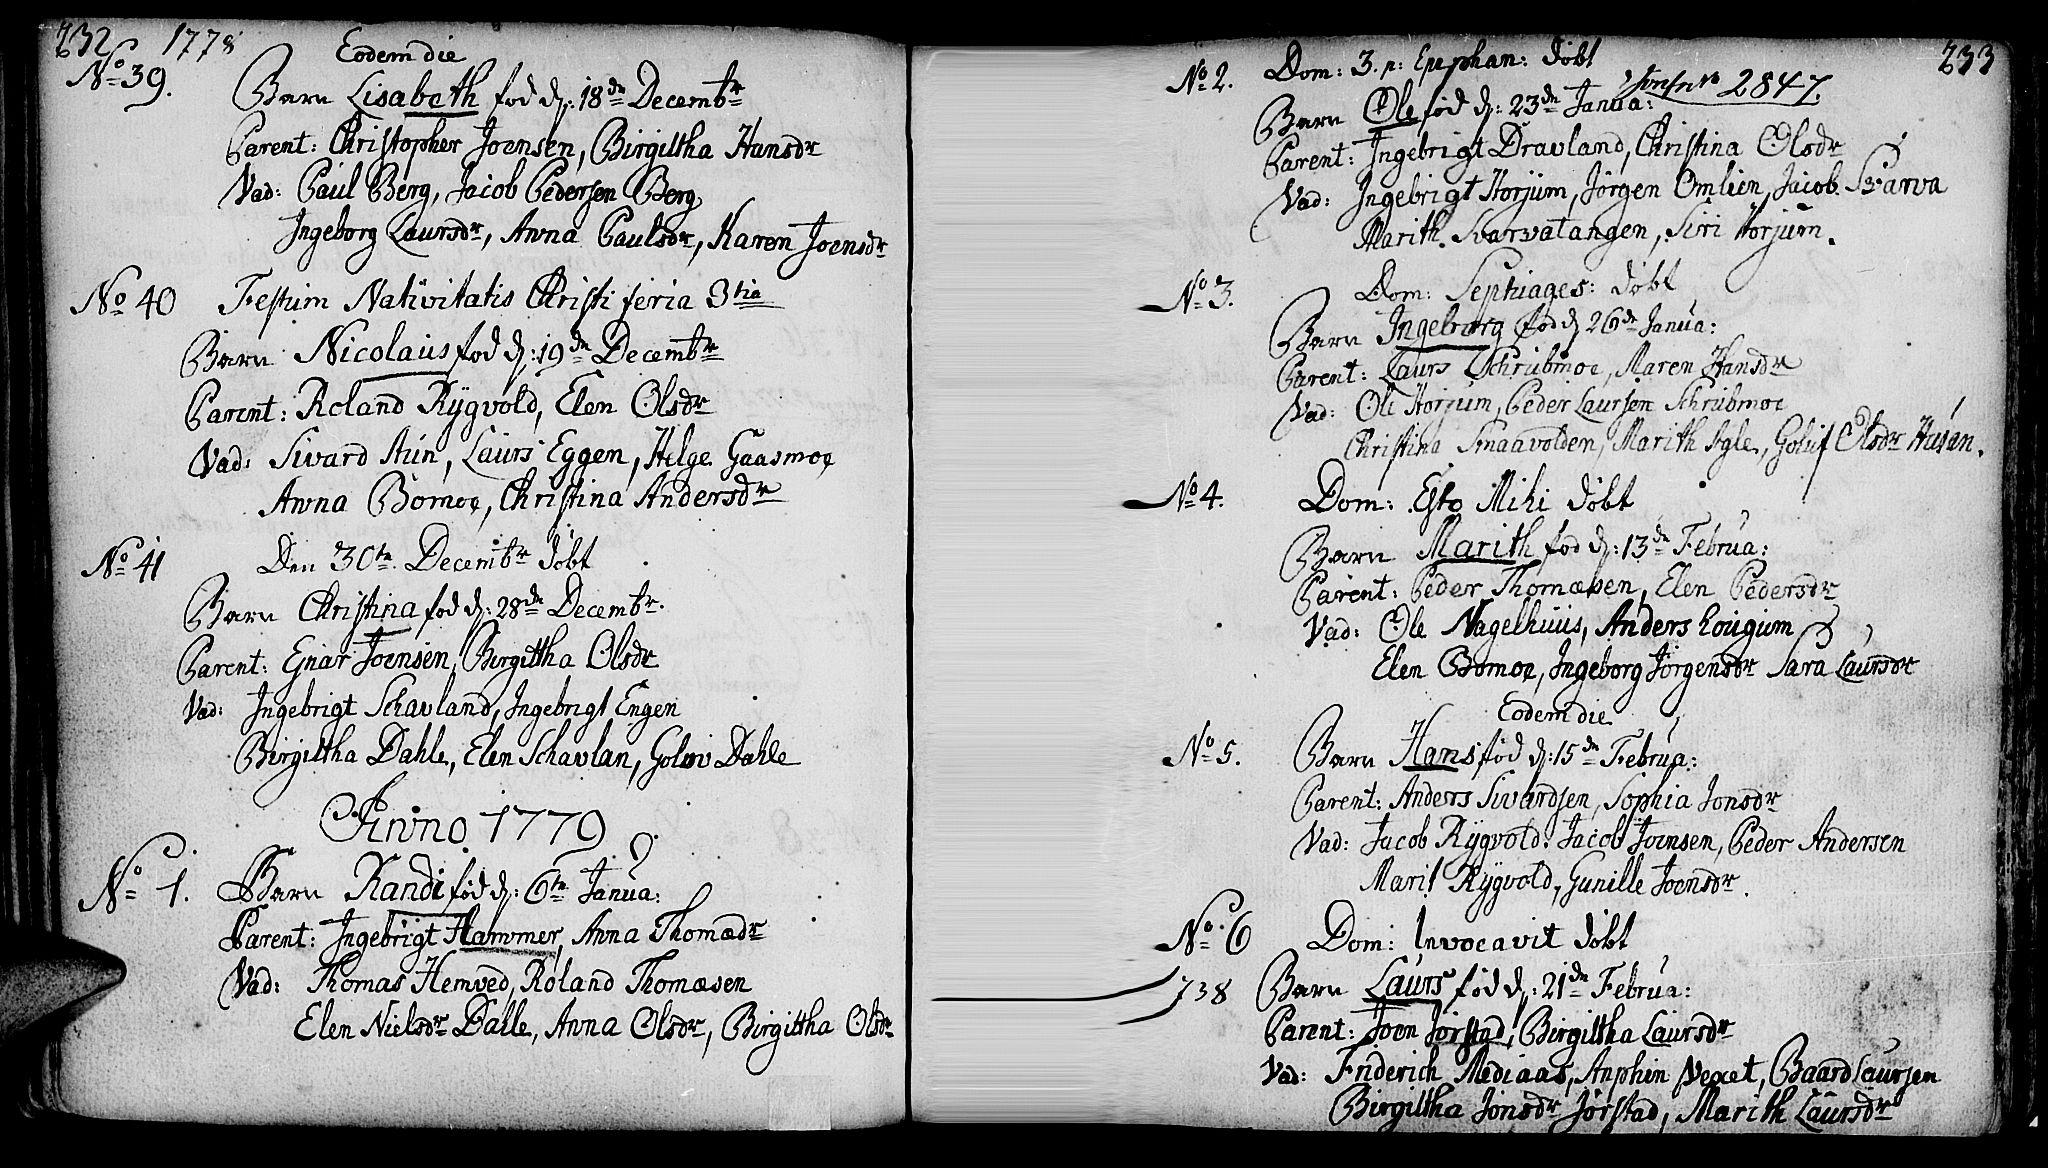 SAT, Ministerialprotokoller, klokkerbøker og fødselsregistre - Nord-Trøndelag, 749/L0467: Ministerialbok nr. 749A01, 1733-1787, s. 232-233